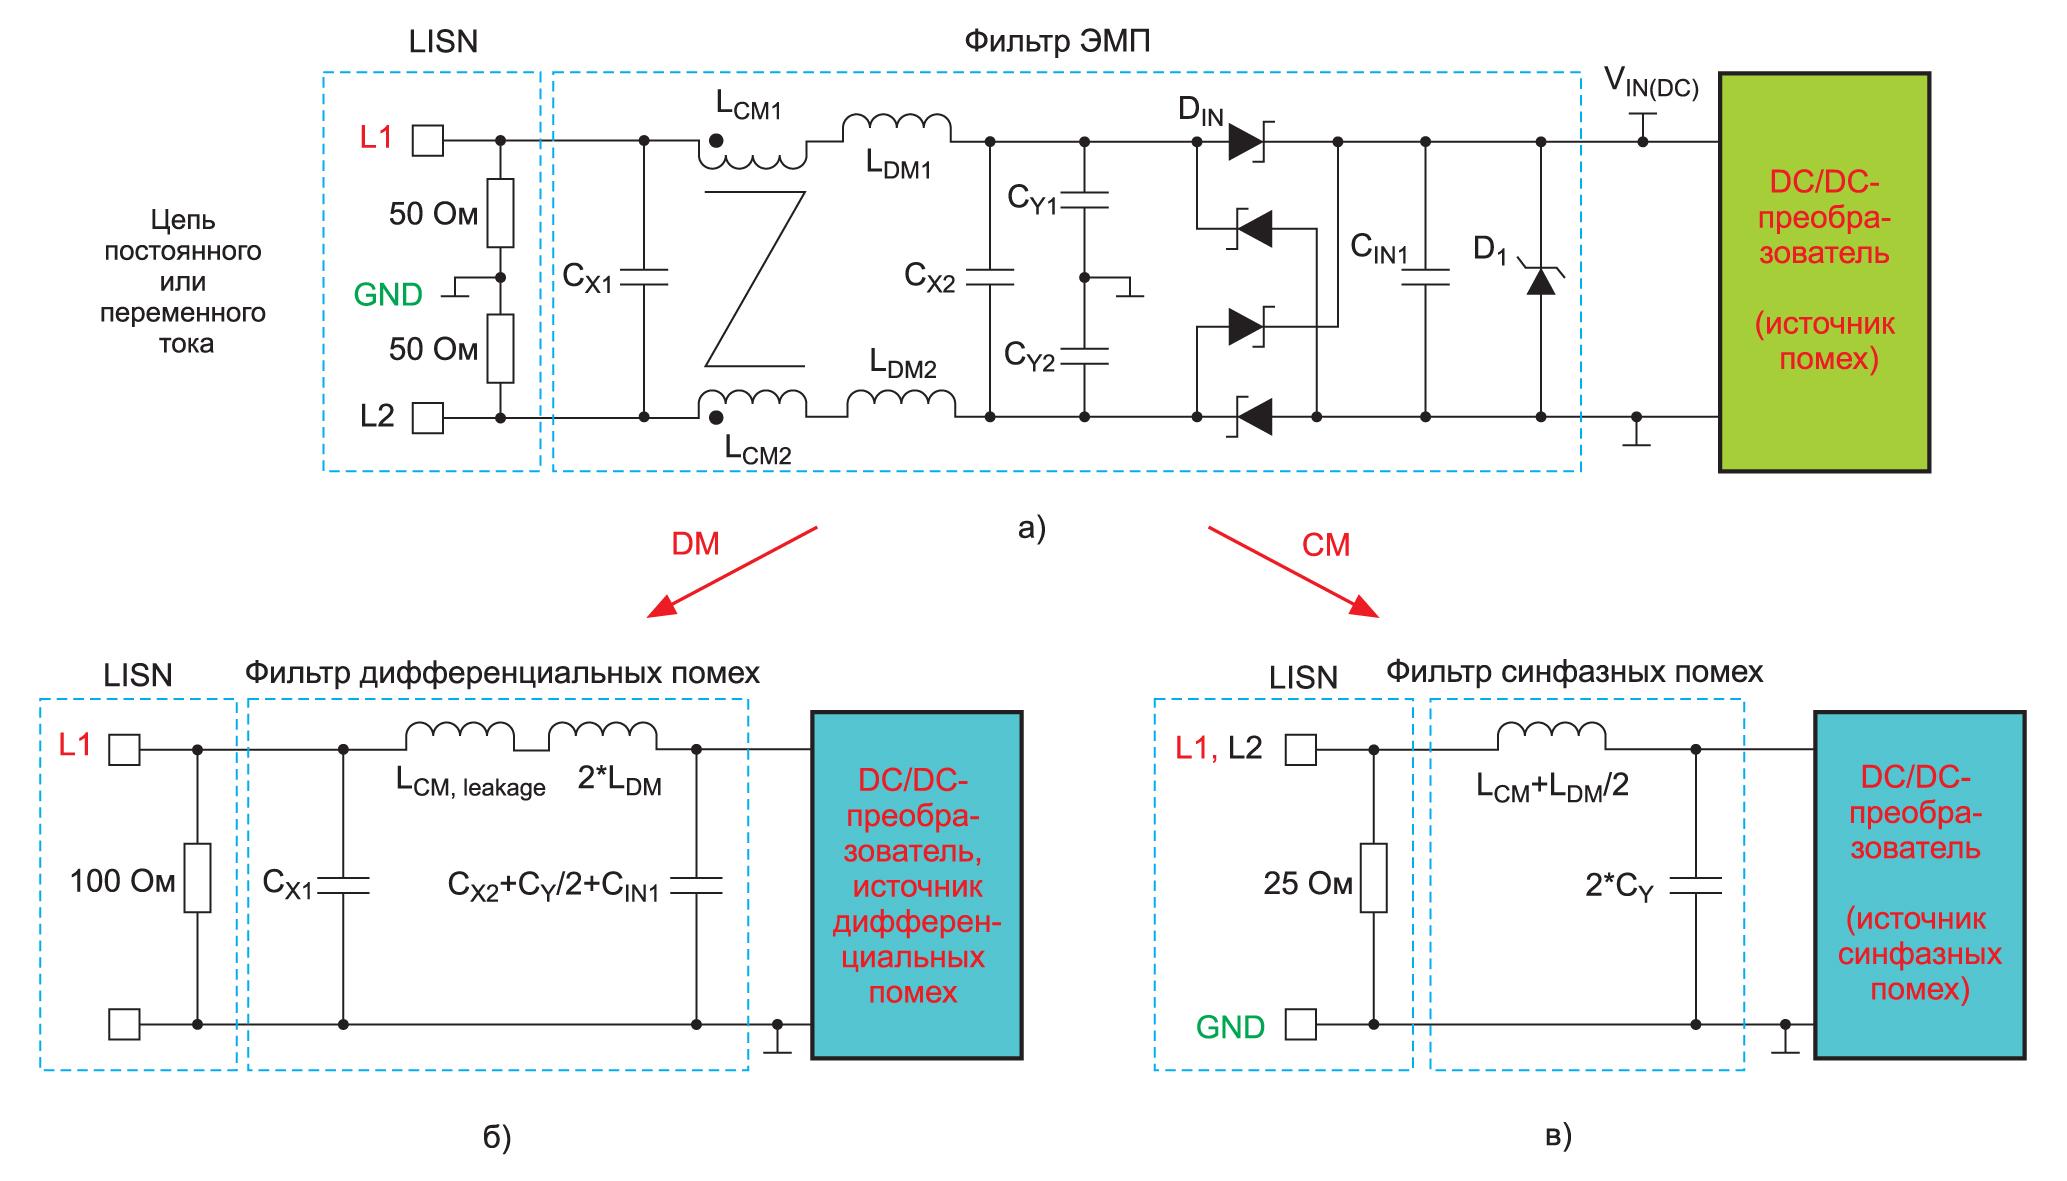 Пассивный ЭМП-фильтр синфазных и дифференциальных помех